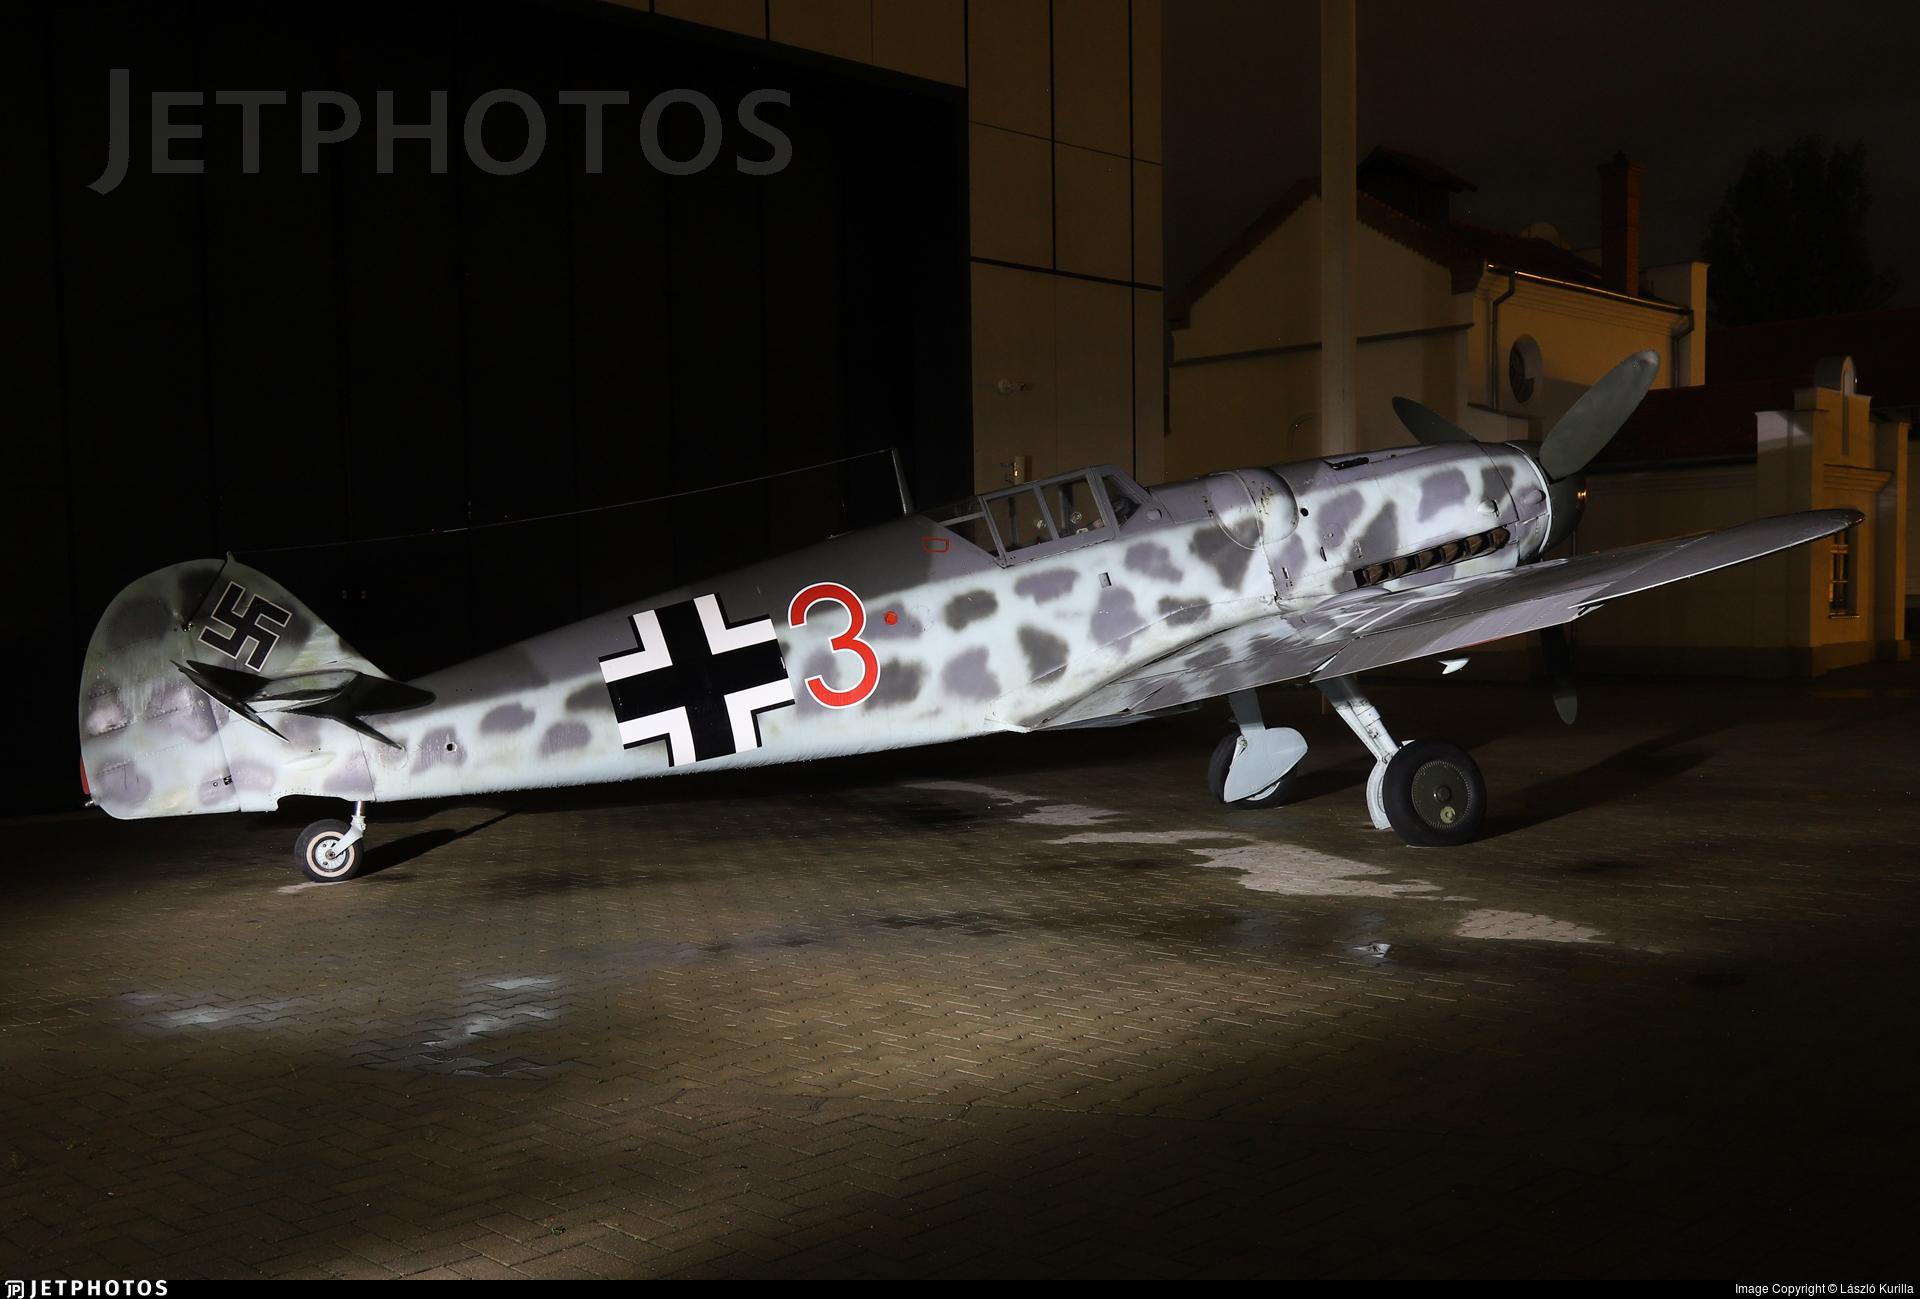 163306 - Messerschmitt Bf 109G-6 - Germany - Air Force